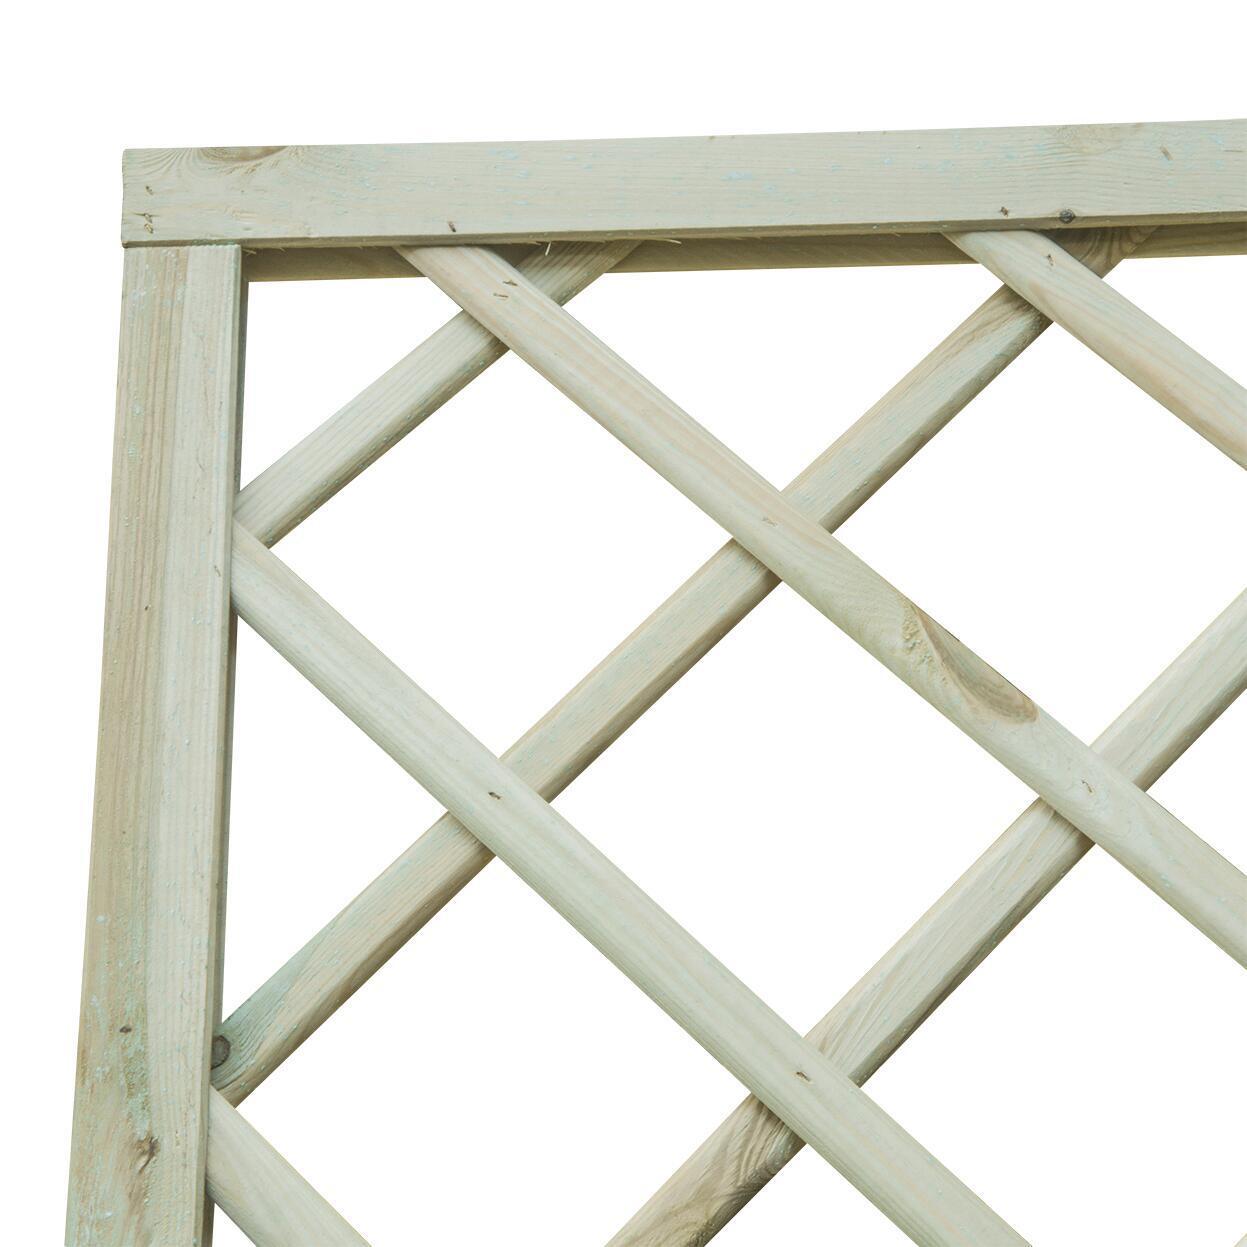 Pannello reticolato in legno Diagonale 90 x 180 cm - 4